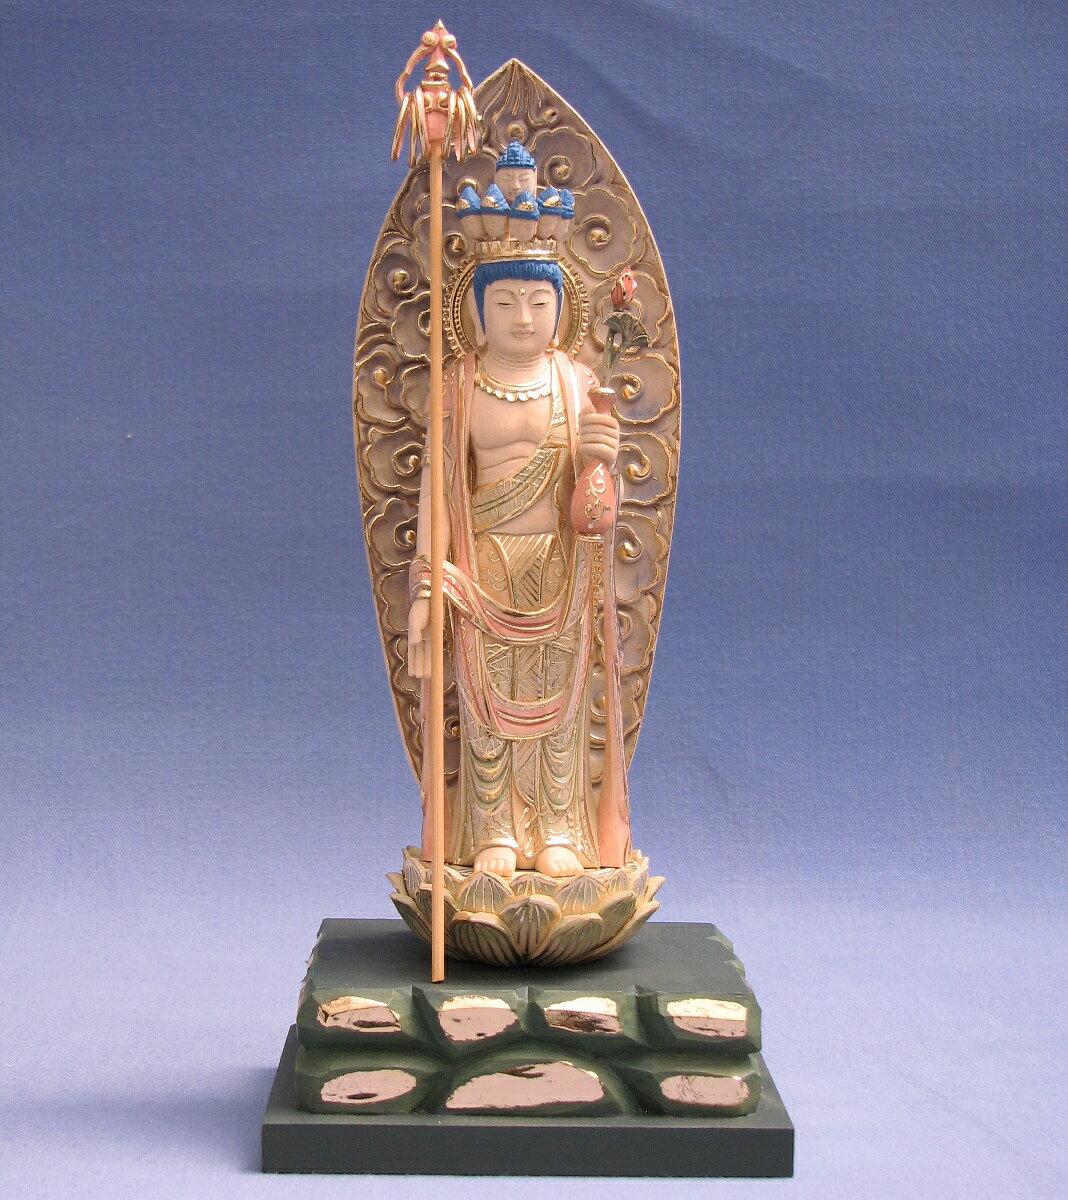 仏像 十一面観音菩薩 立像 錫杖持 4.0寸 雲状光背 四角台 桧木彩色 六観音 観音像 観音菩薩